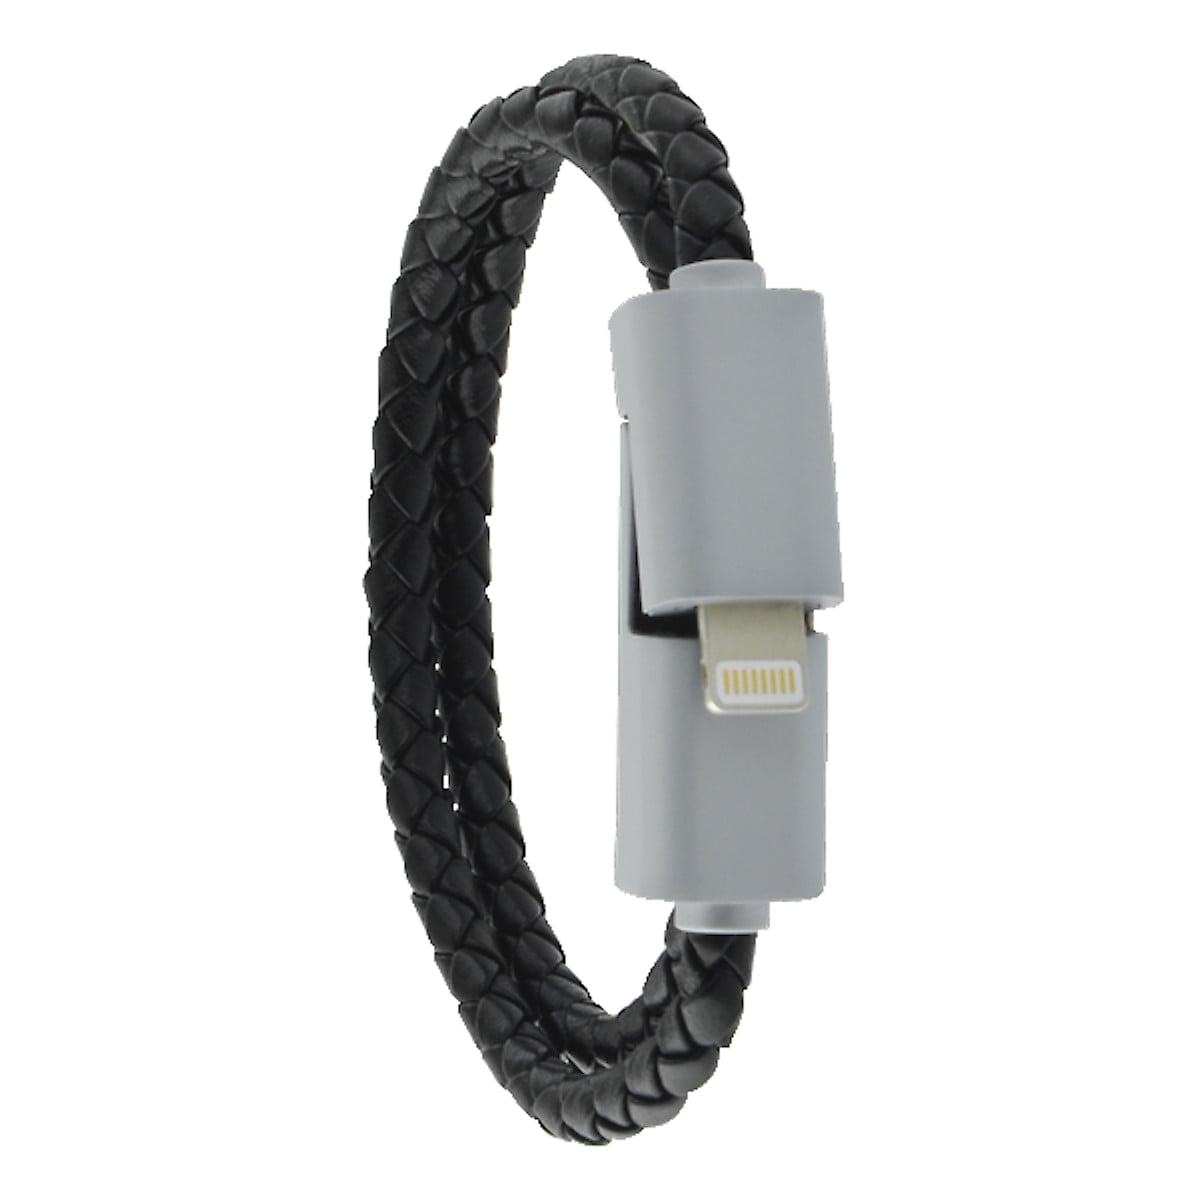 Läderarmband med laddkabel för iPhone/iPad